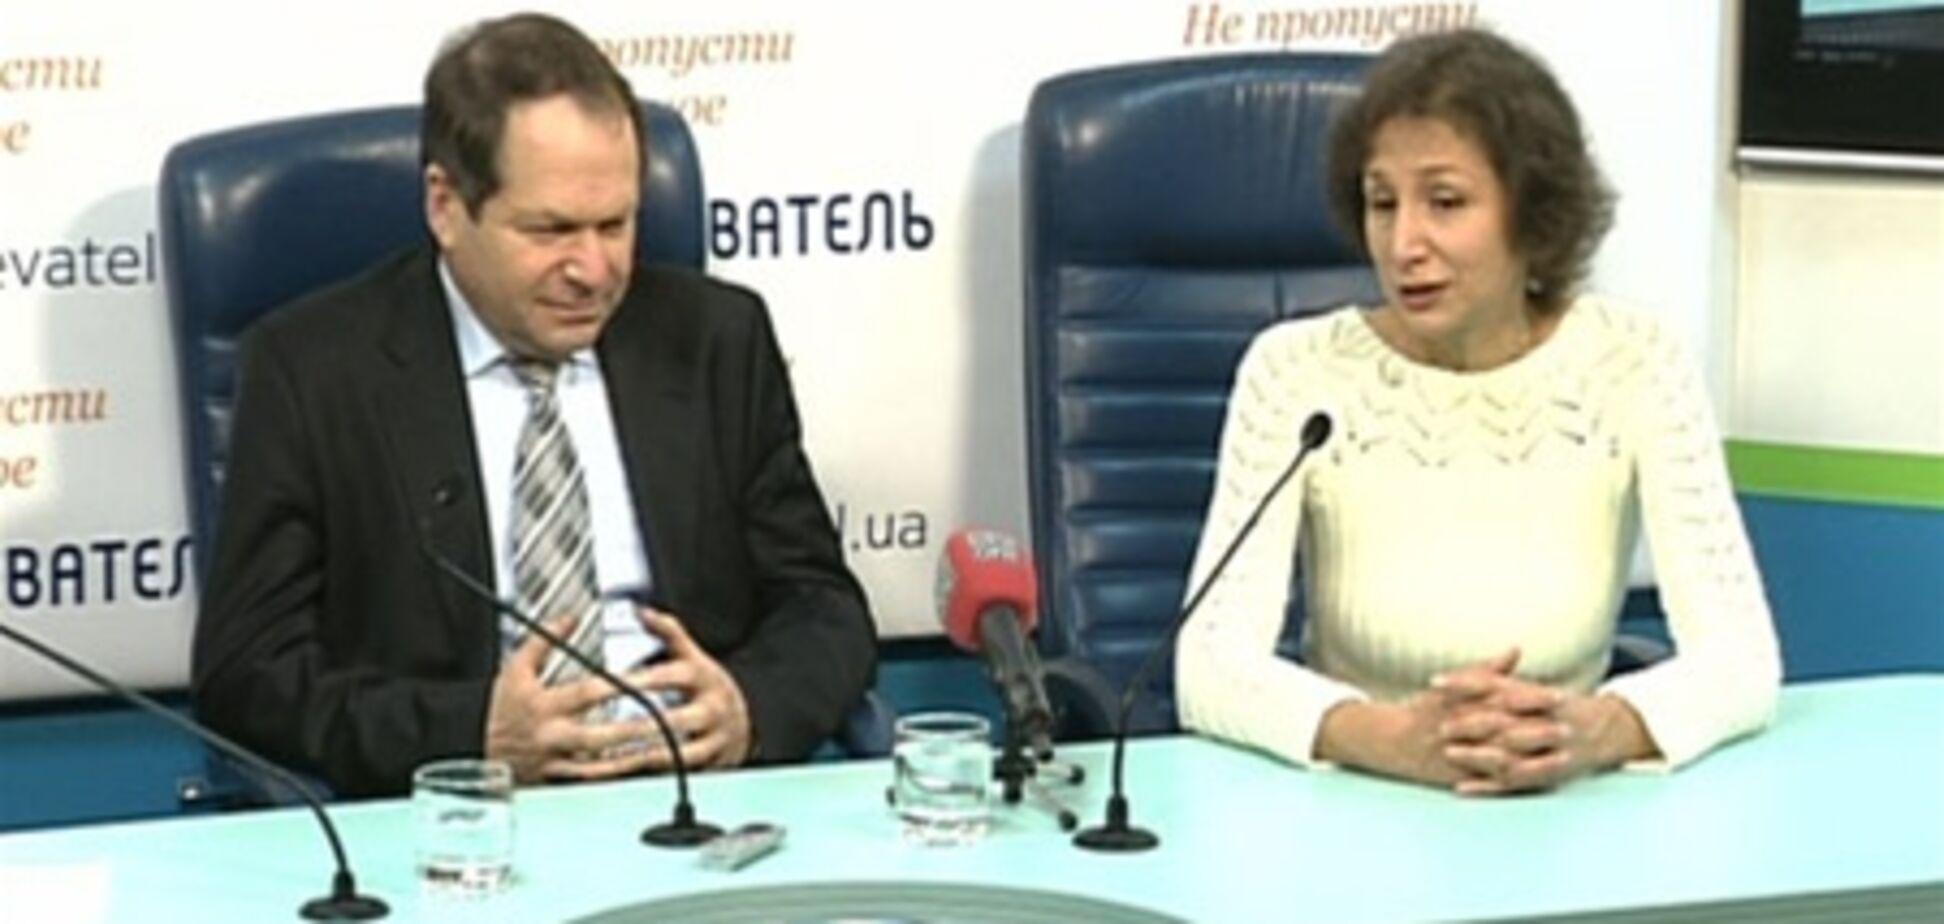 Количество диабетиков в Украине удвоилось - эксперт